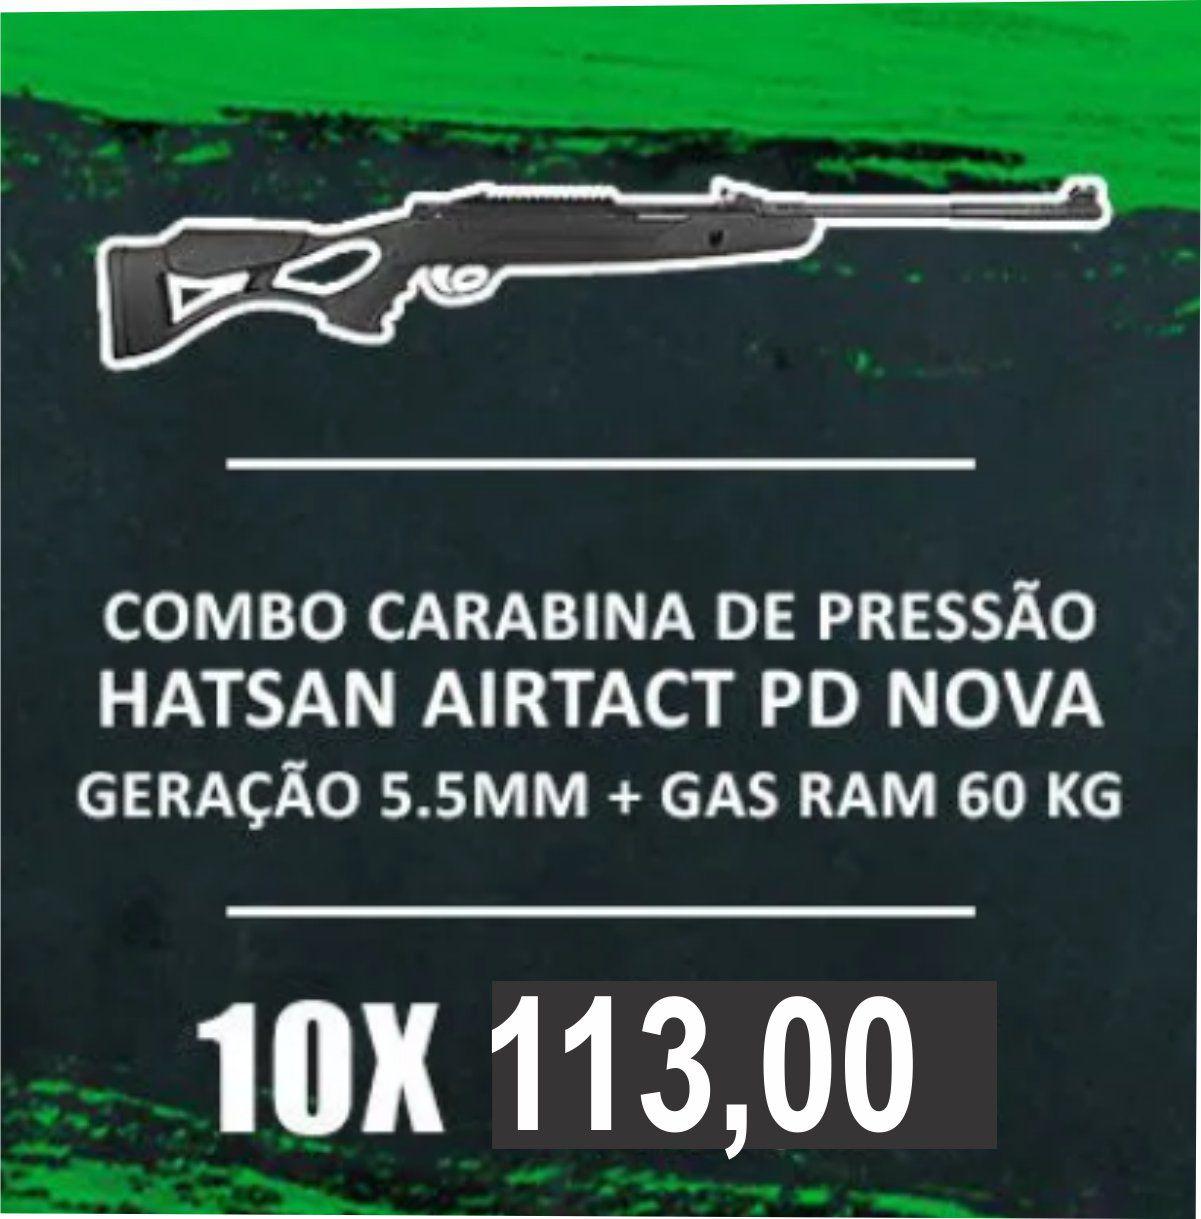 Consórcio - Carabina de Pressão Hatsan Airtact PD Nova Geração 5.5mm Gas Ram 60 kg + frete